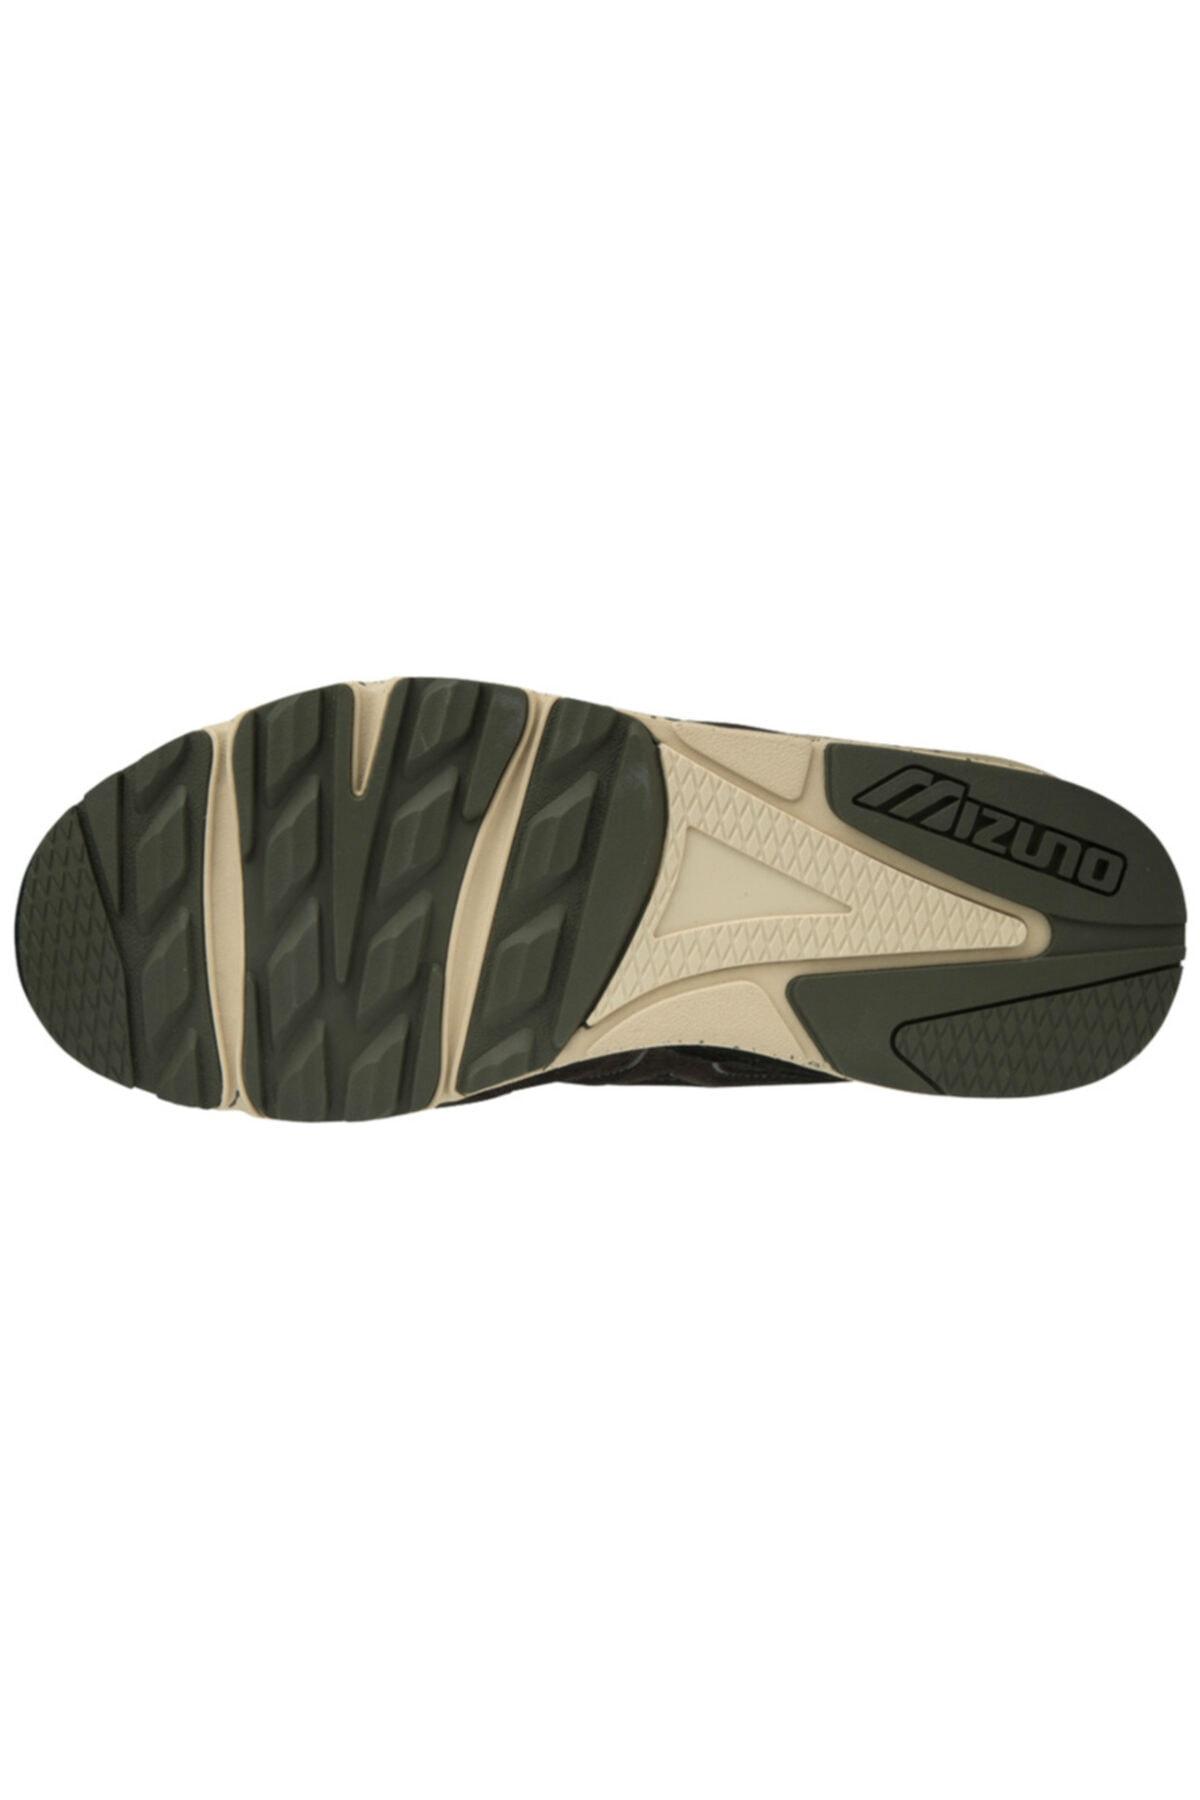 MIZUNO Sky Medal Wild Nordic Unisex Günlük Giyim Ayakkabısı Kahverengi / Yeşil 2